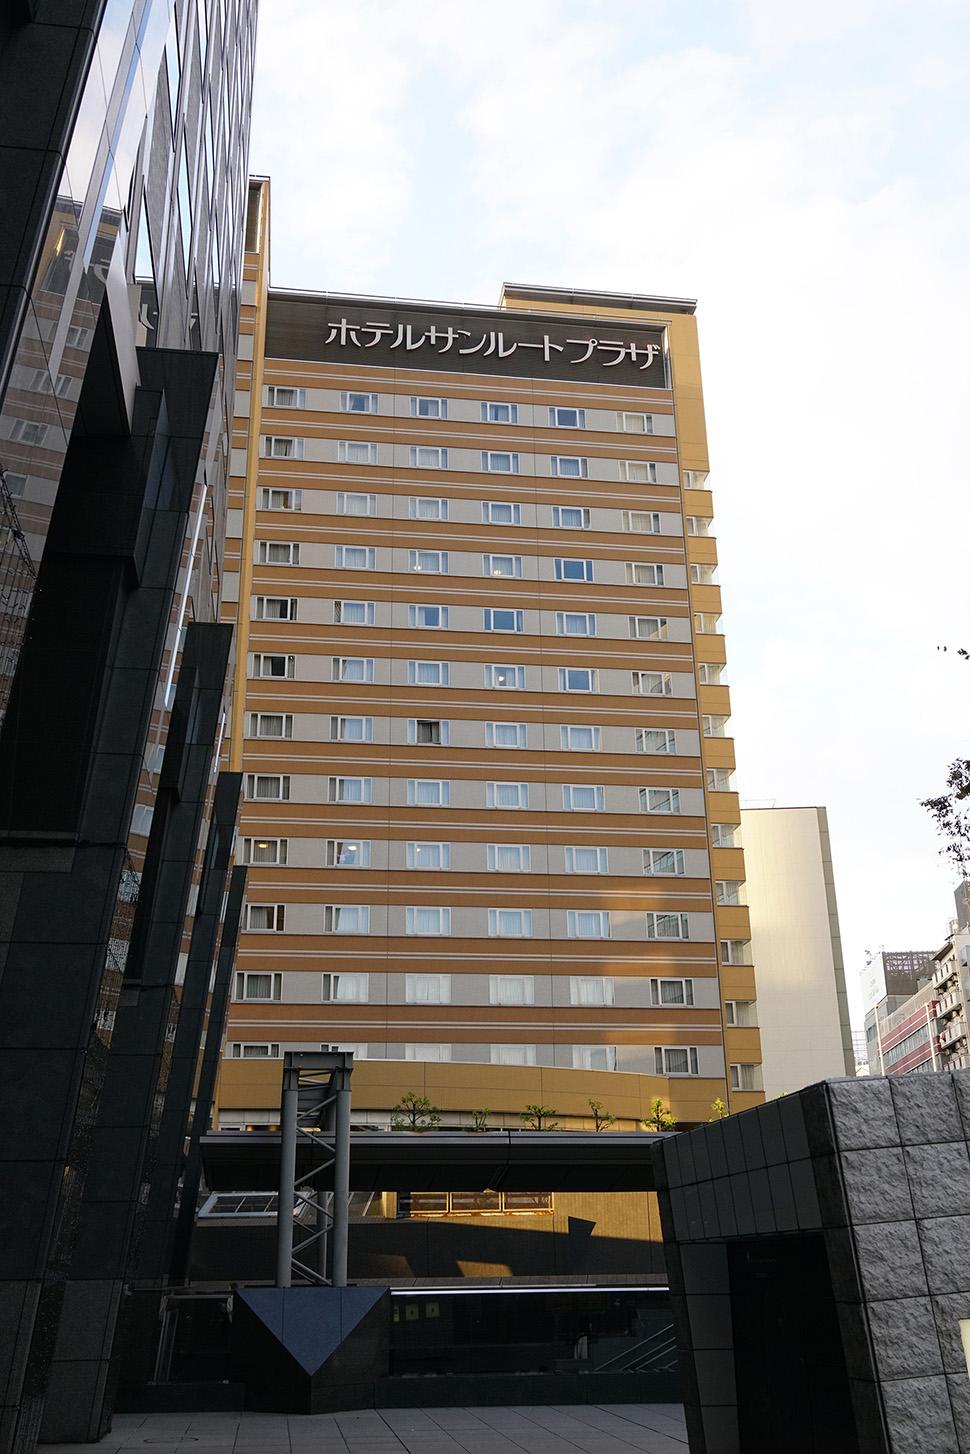 2018 隨興東京之旅 Day1 73